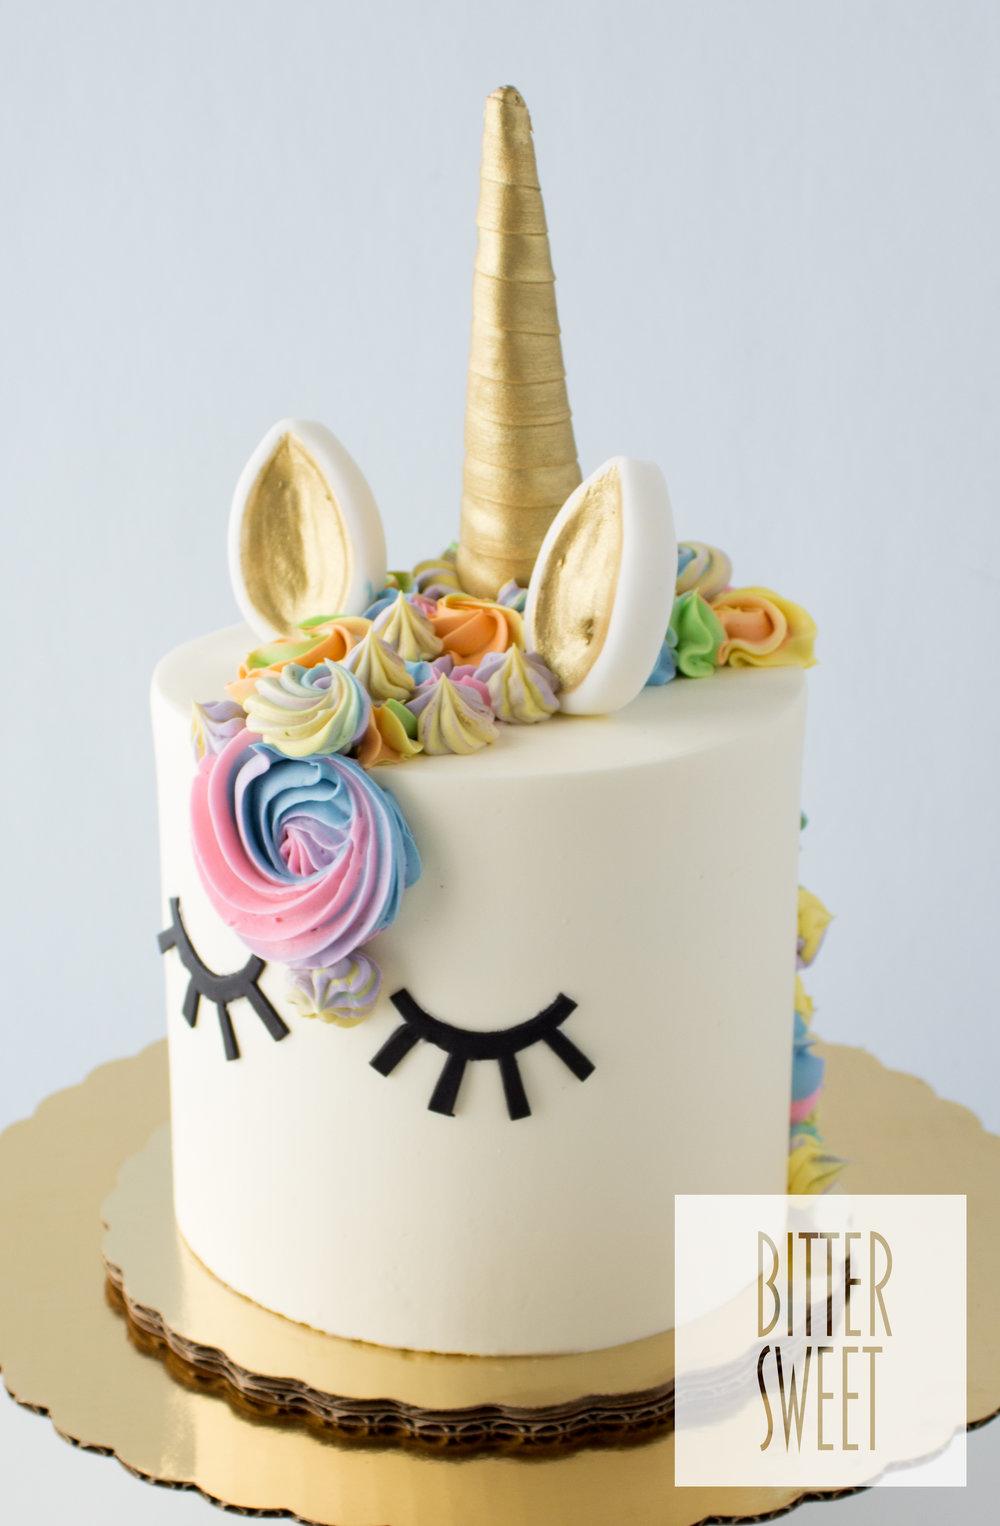 celebration cakes Bittersweet